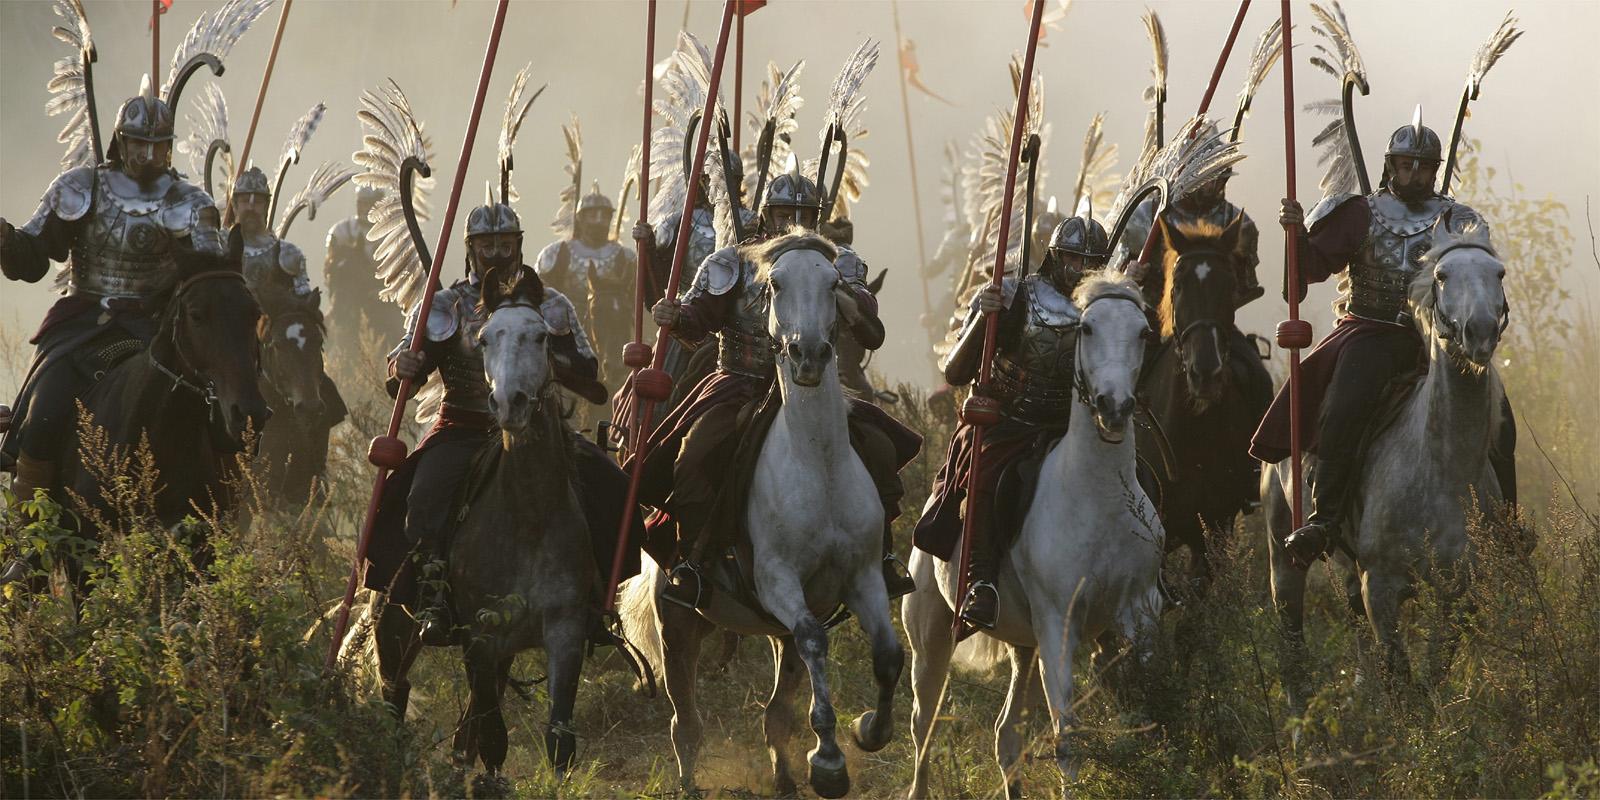 Skrzydła których używała husaria straszliwie świszczały na polu bitwy i płoszyły konie przeciwnika nic bardziej mylnego